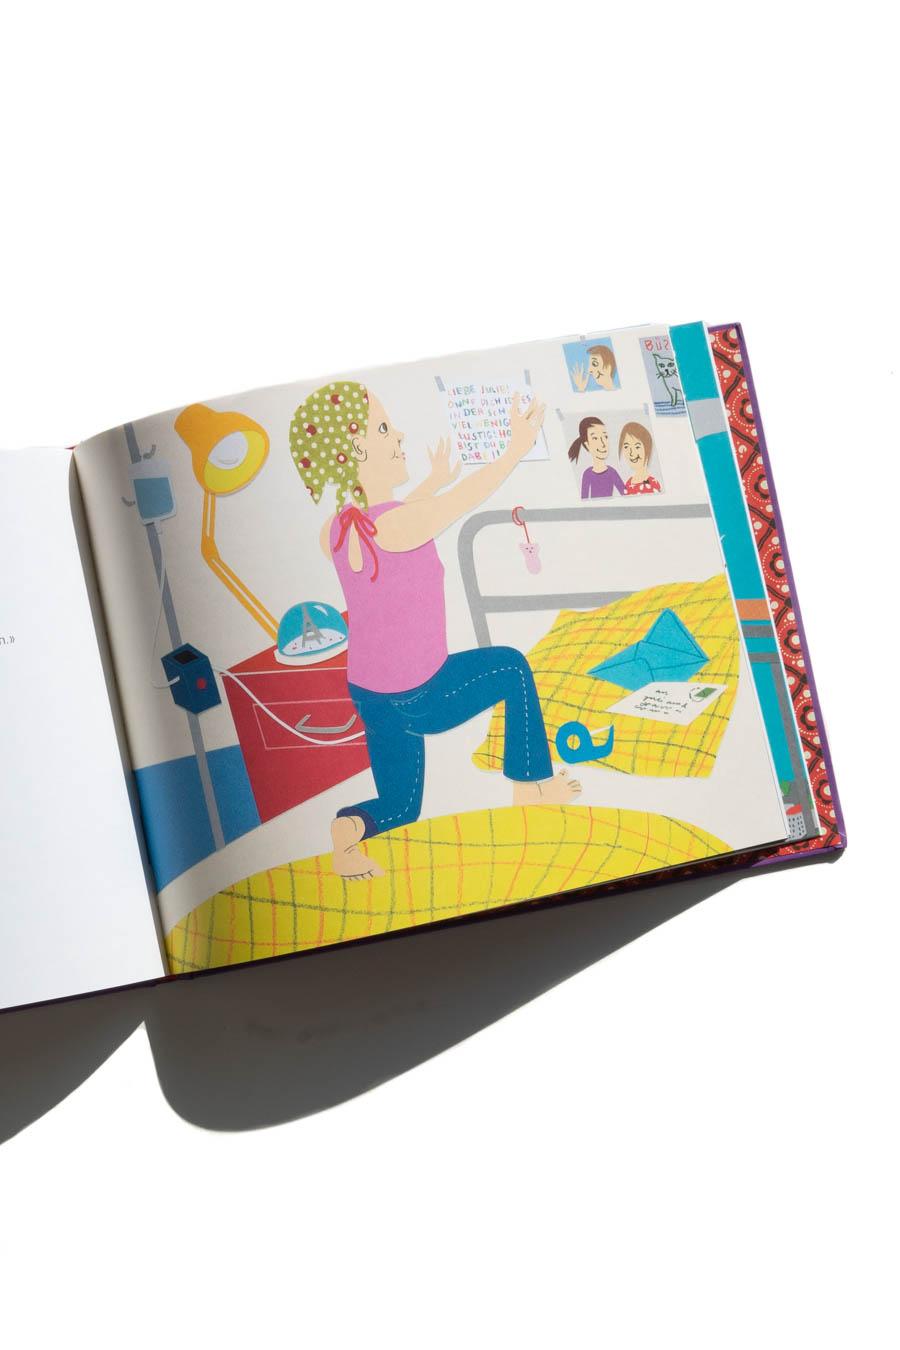 Leukämie bei Kindern: Wie spricht man mit Kindern über Leukämie? Inkl. #Buchtipp «Julie ist wieder da». Weiterlesen auf: www.chezmamapoule.com #kommunikation #mitkindernaufaugenhöhe #kinderbücher #bilderbücher #leukämie #4von5 #kinderkrebsschweiz #thoughtsforachild